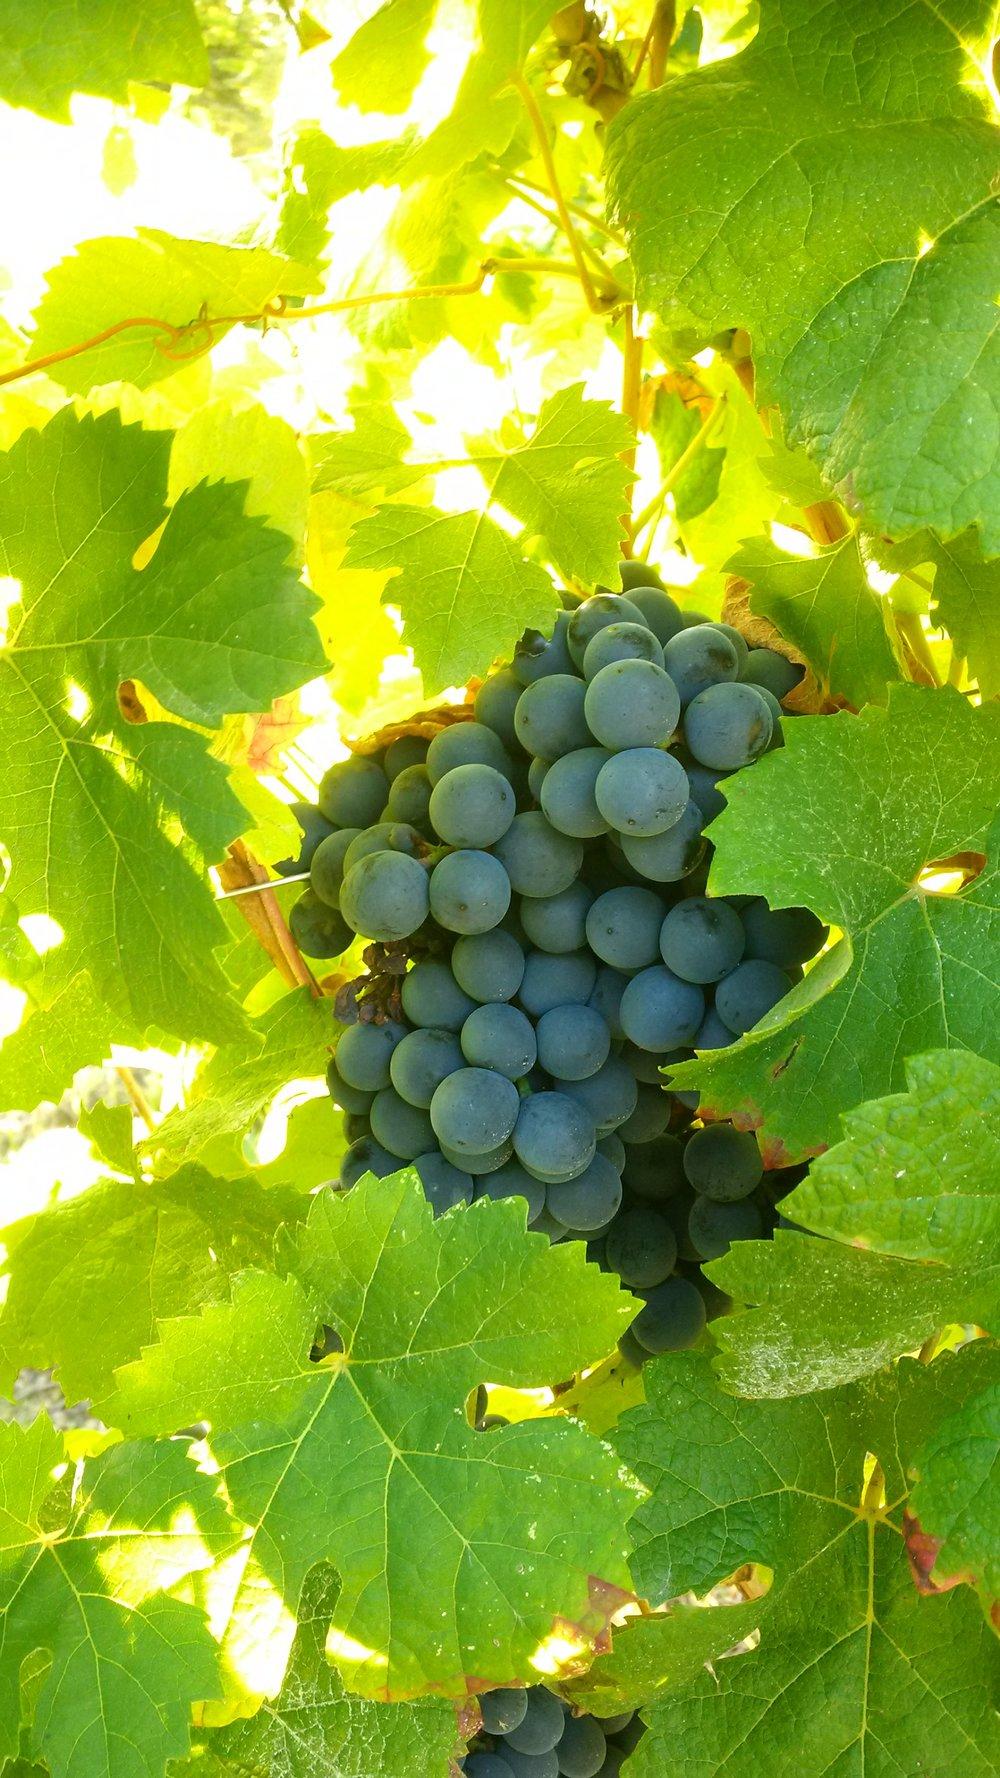 VINIFICATION EN ROUGE - Nous produisons quatre types de vin rouge sur le Domaine :Le Clos Rayssac, La Combe d'Avès, le Grand Tertre et le SangChaque vin correspond à des cépages bien précis, mais aussi à des terroirs différents.La vendange se fait toujours à la main, et nous sommes très exigeants sur la qualité du raisin. Un tri manuel est effectué à la parcelle, tous les grains et/ou grappes qui ne conviennent pas sont systématiquement éliminés. Pour réaliser des vins naturels cette étape est indispensable.Pour obtenir des vins rouges il faut absolument que le jus du raisin macère avec la pellicule, les pépins et la pulpe. Ce sont ces éléments qui permettront d'obtenir la couleur, les tanins et les parfums. Nous cherchons aussi à obtenir des vins qui satisfassent notre palais et nous avons, il faut bien l'avouer, des goûts particuliers.Nous péférons les arômes des fruits très sucrés et concentrés.Cela veut dire que nous allons chercher à ramasser des raisins qui seront très mur. Tout aura donc été mis en place tout au long de l'année pour faciliter cette surmaturité des raisins et avoir un vin qui ne soit pas déséquilibré car trop riche en alcool.